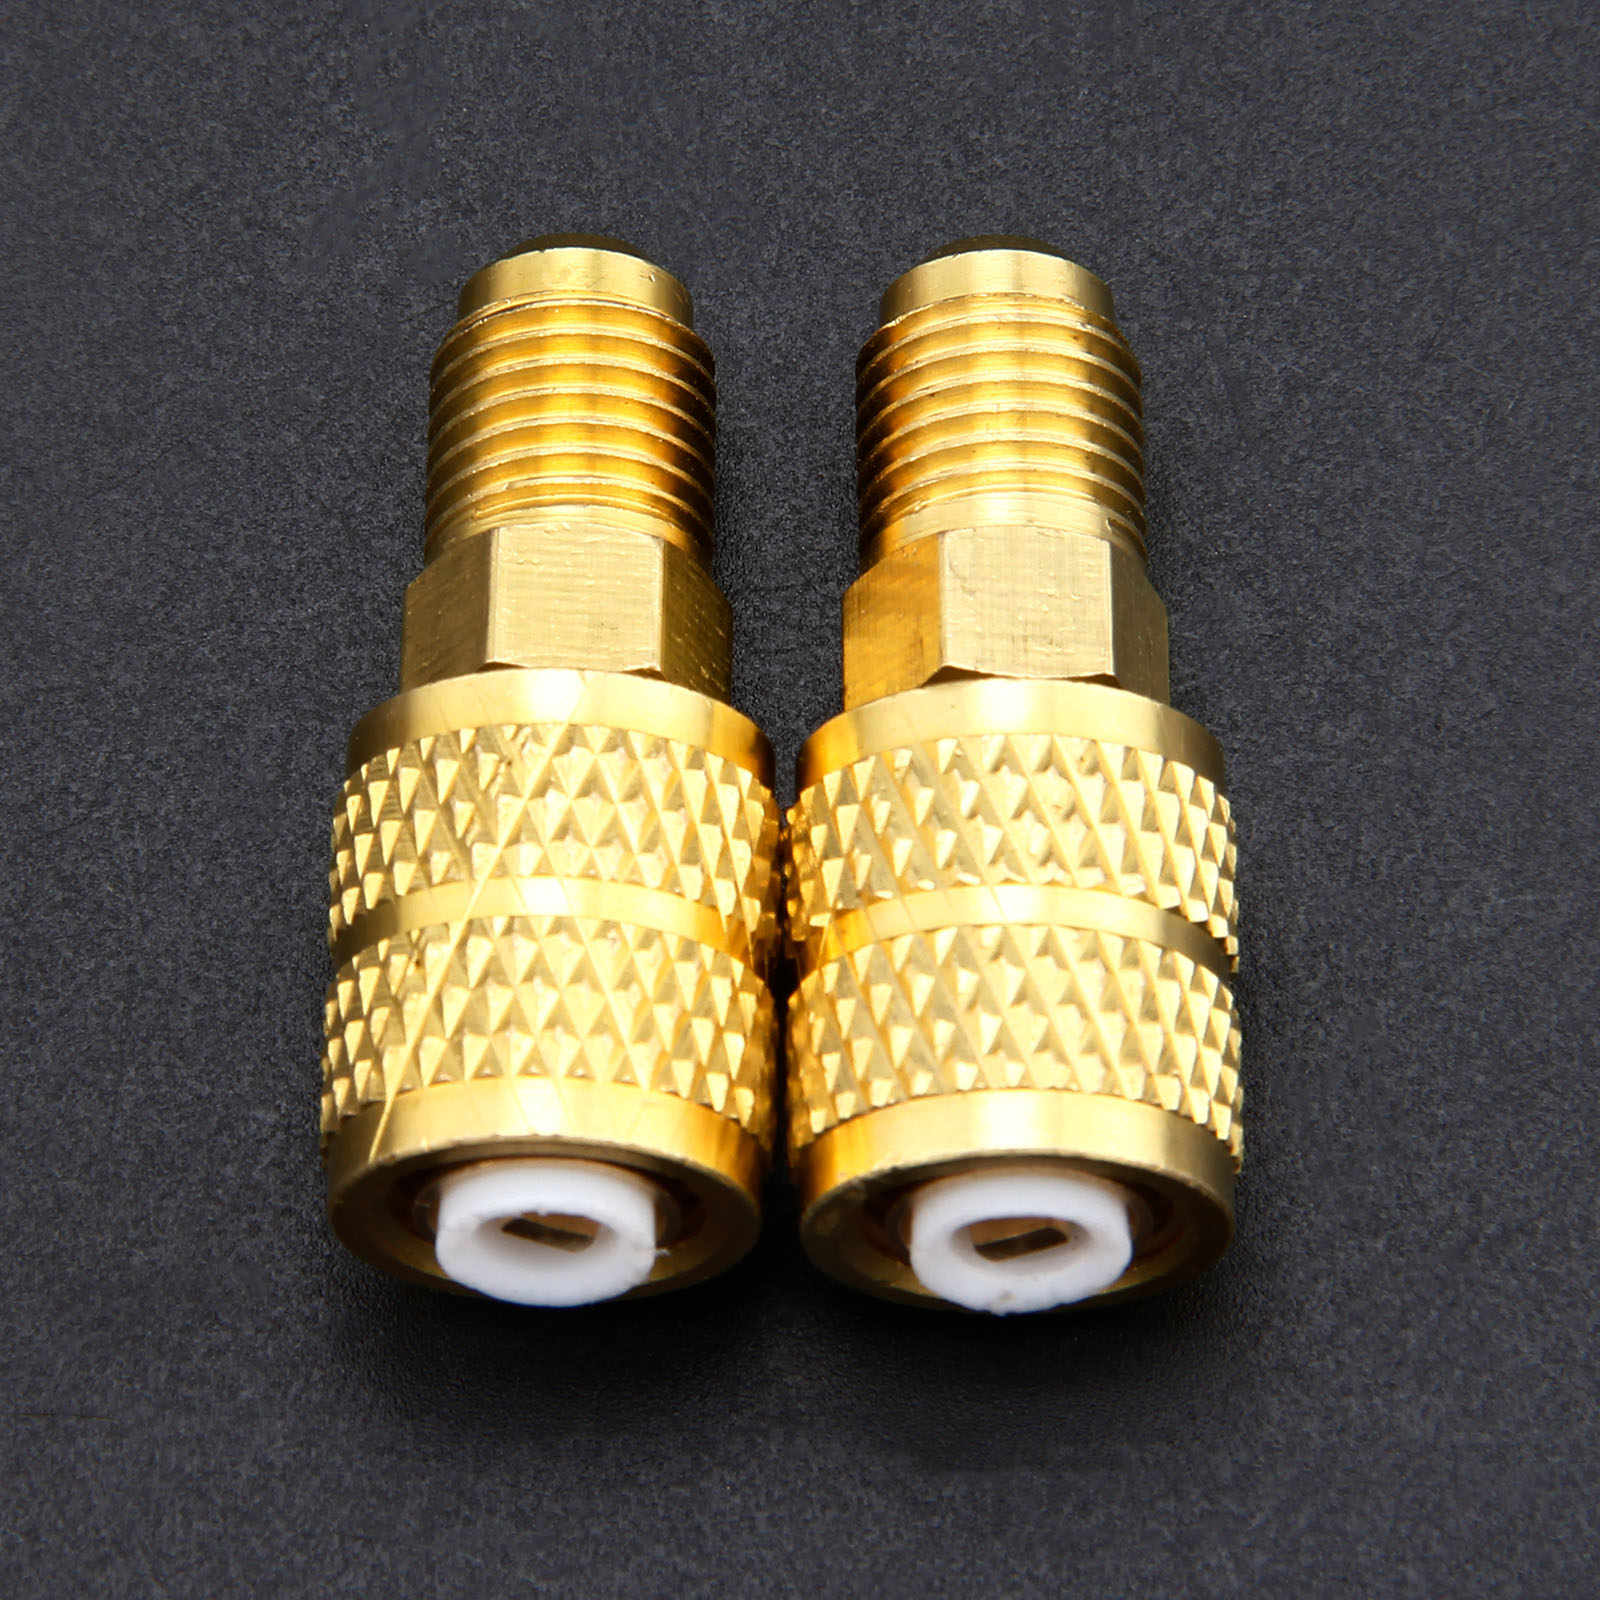 """2 uds R410A adaptador recto 1/4 """"macho a 5/16"""" hembra conector para R410a Mini Split HVAC sistema de aire acondicionado refrigeración"""